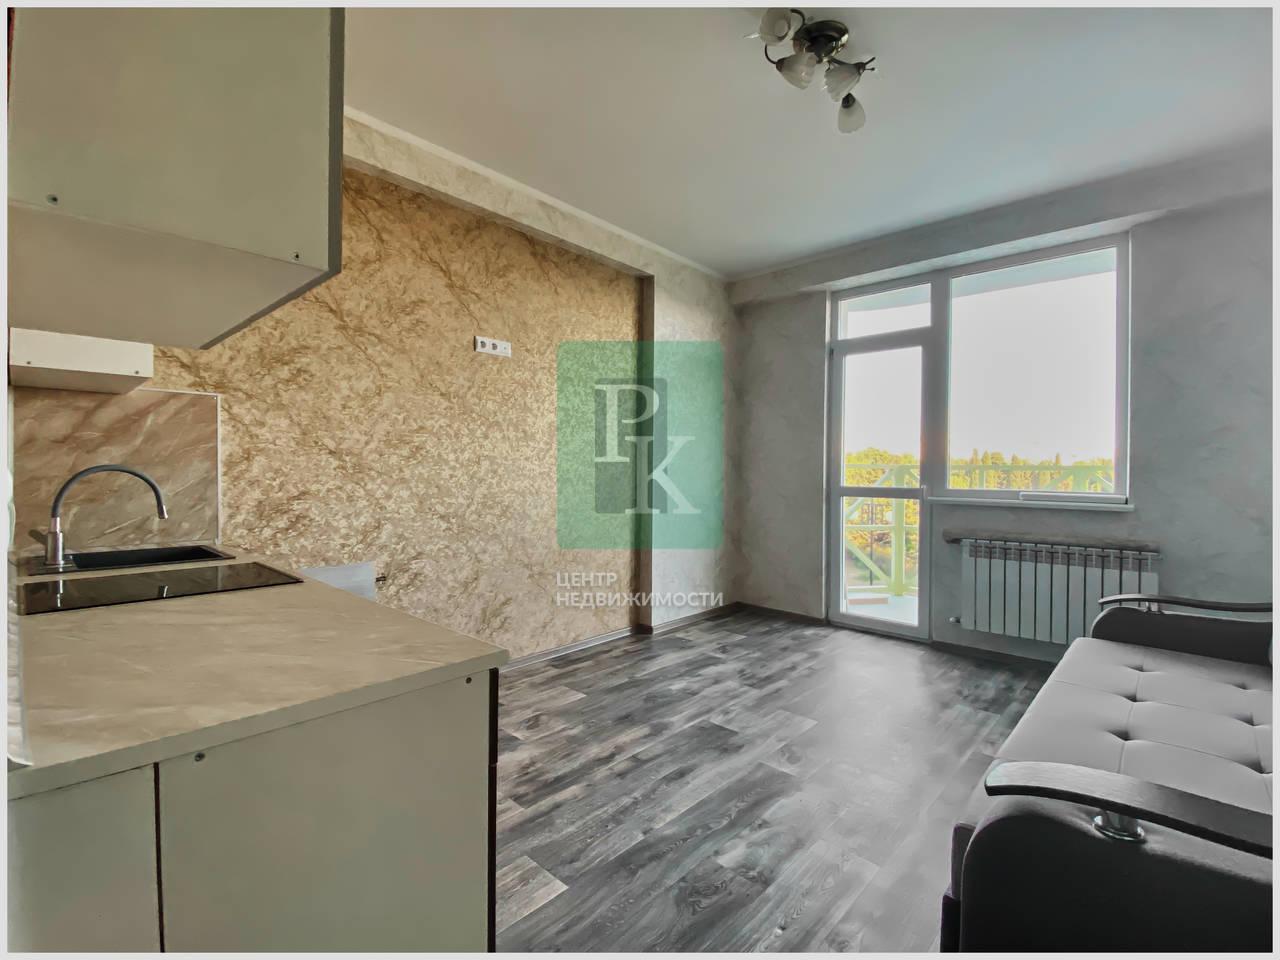 Продам апартаменты-студию возле ЯхтКлуба на Летчиках 6